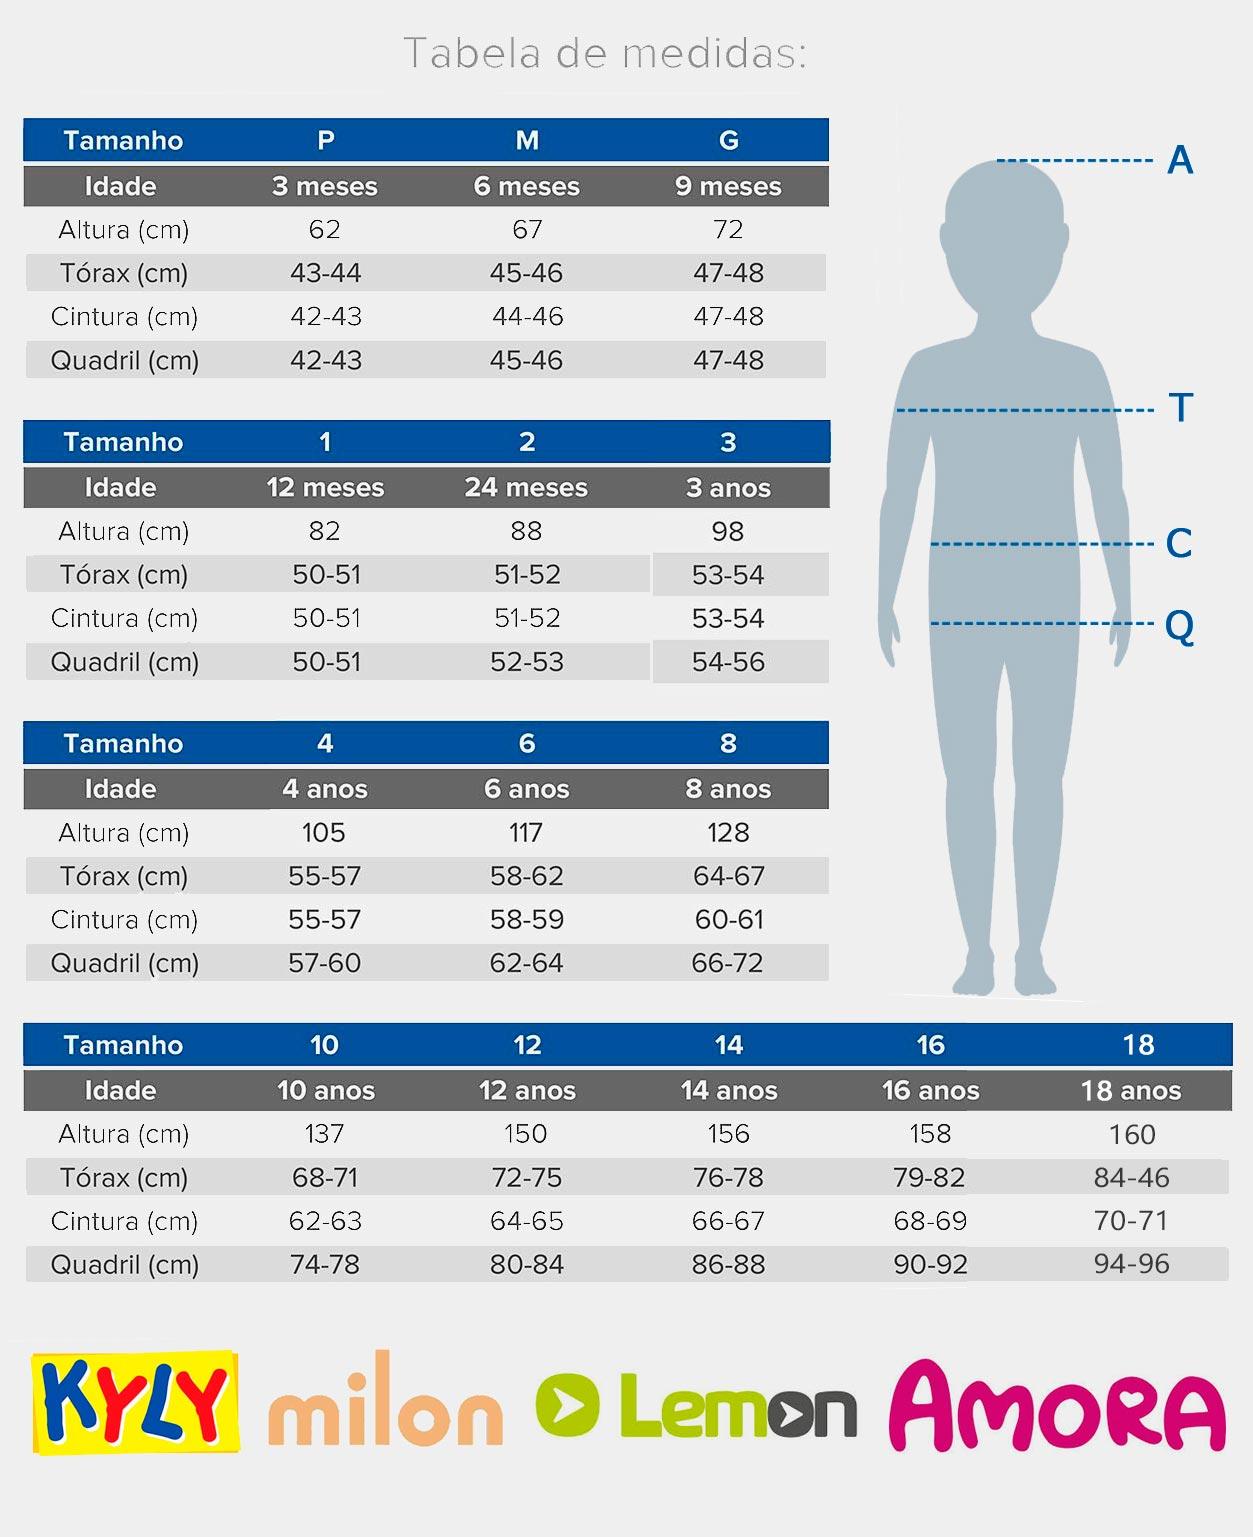 Pijama Infantil Feminino Verde Estampado Inverno Kyly: Tabela de medidas